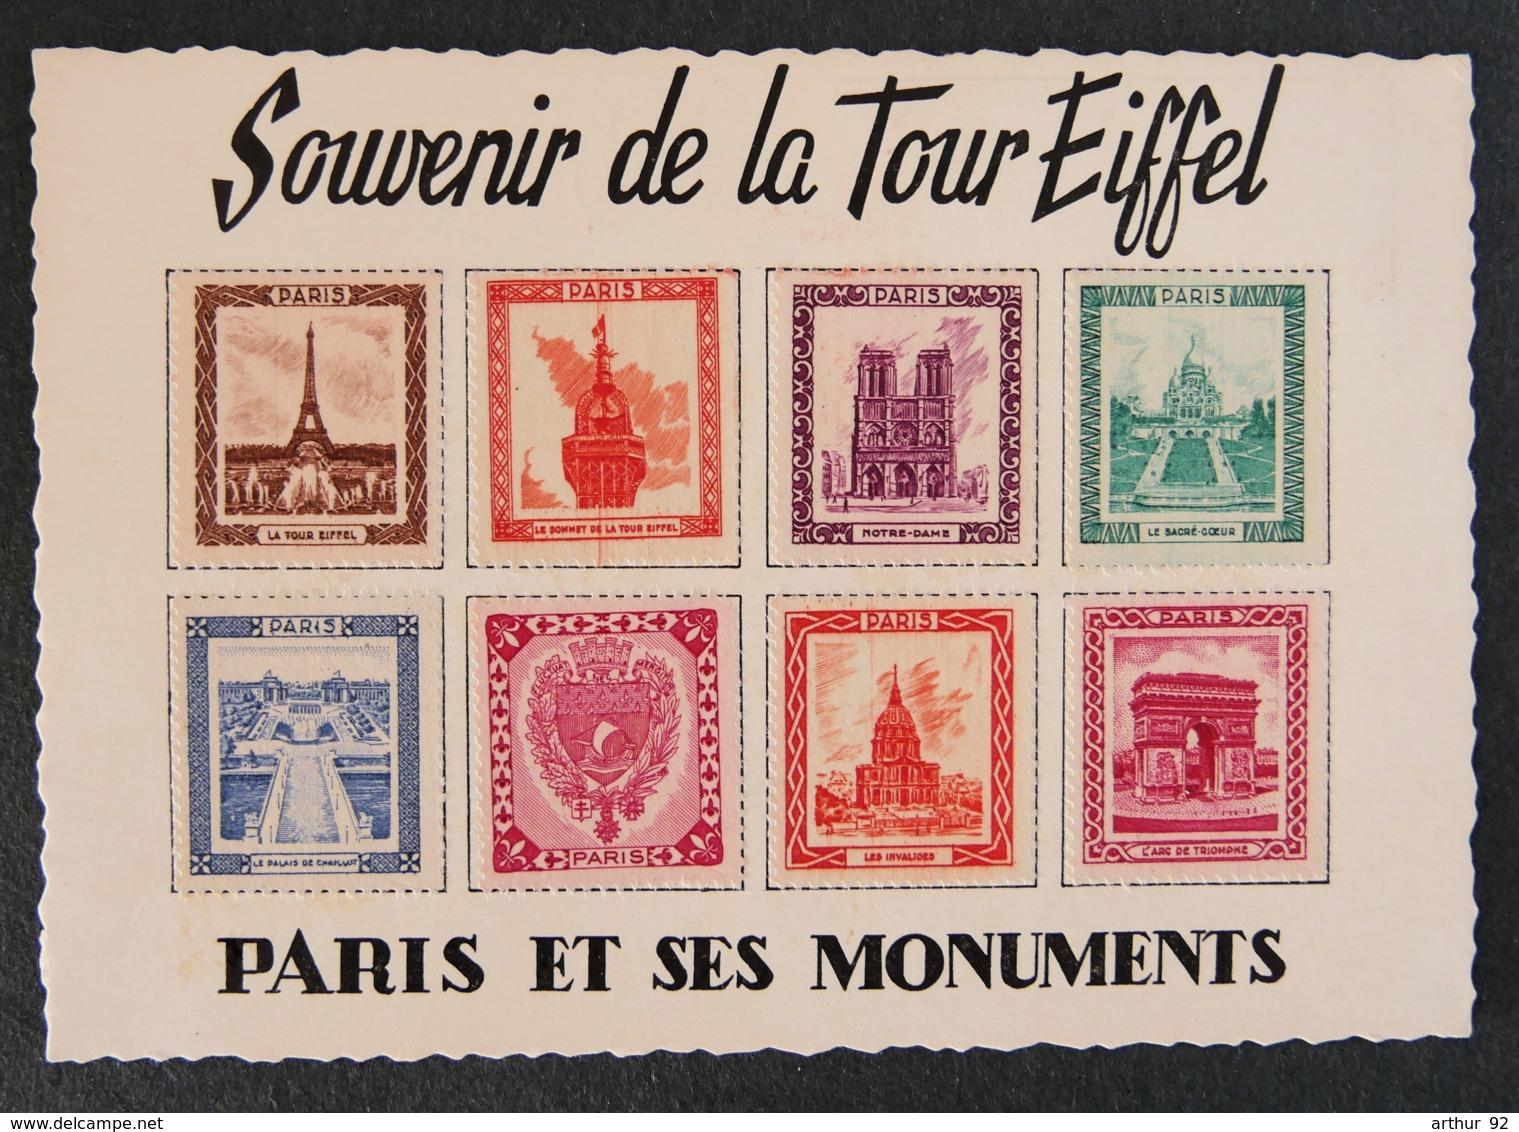 FRANCE - Souvenir De La Tour Eiffel - Paris Et Ses Monuments - Other